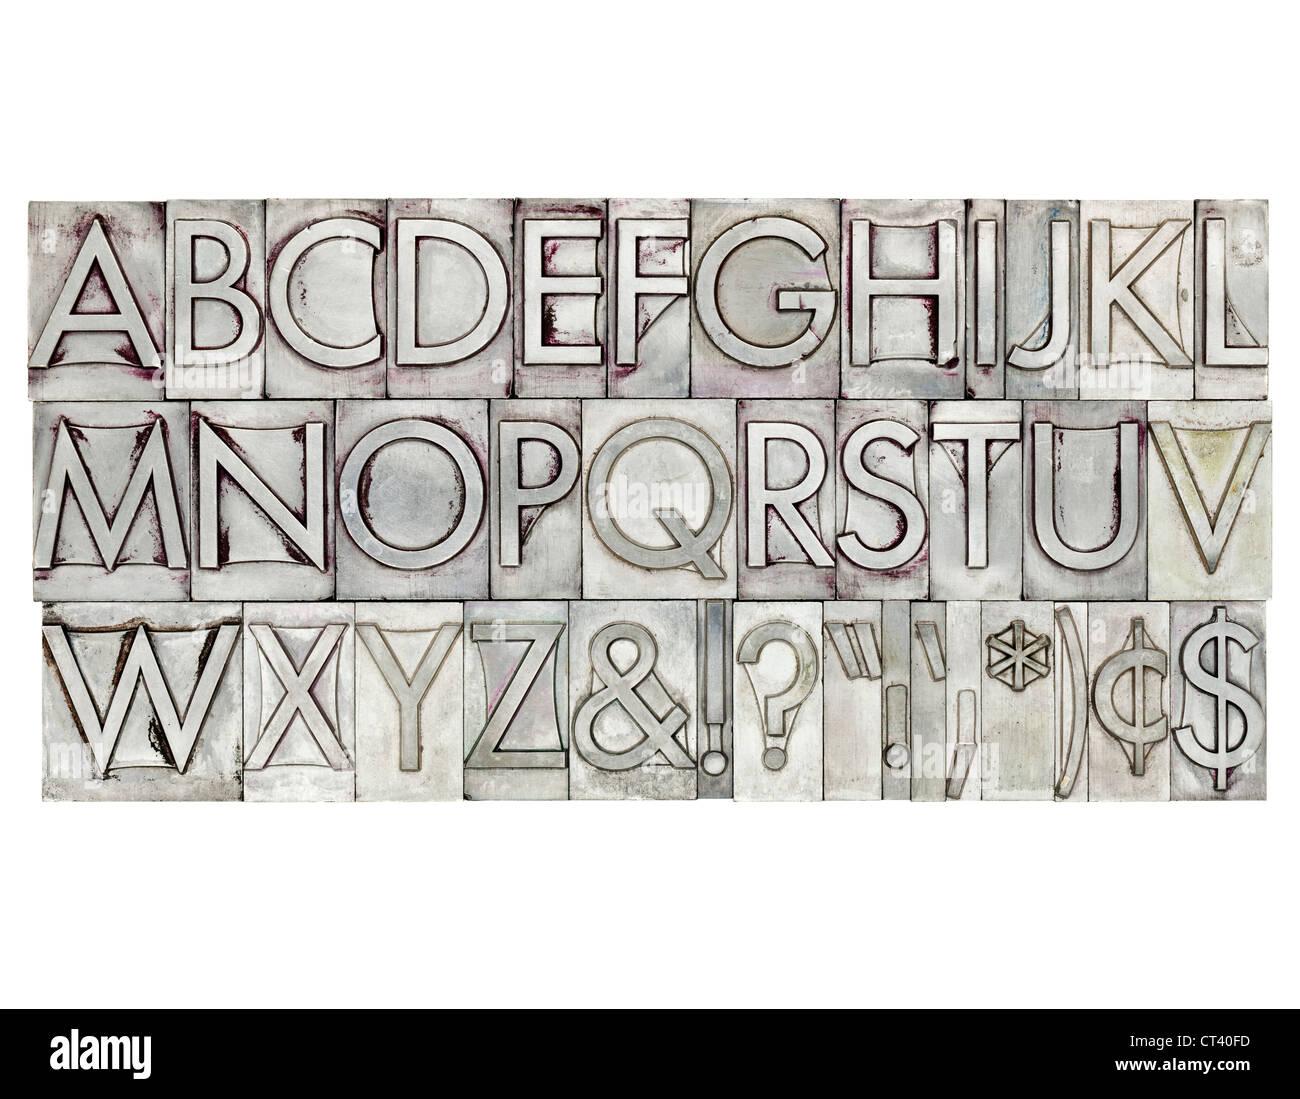 Alfabeto inglese, Dollar, cento e segni di punteggiatura nel vintage tipo di metallo Immagini Stock